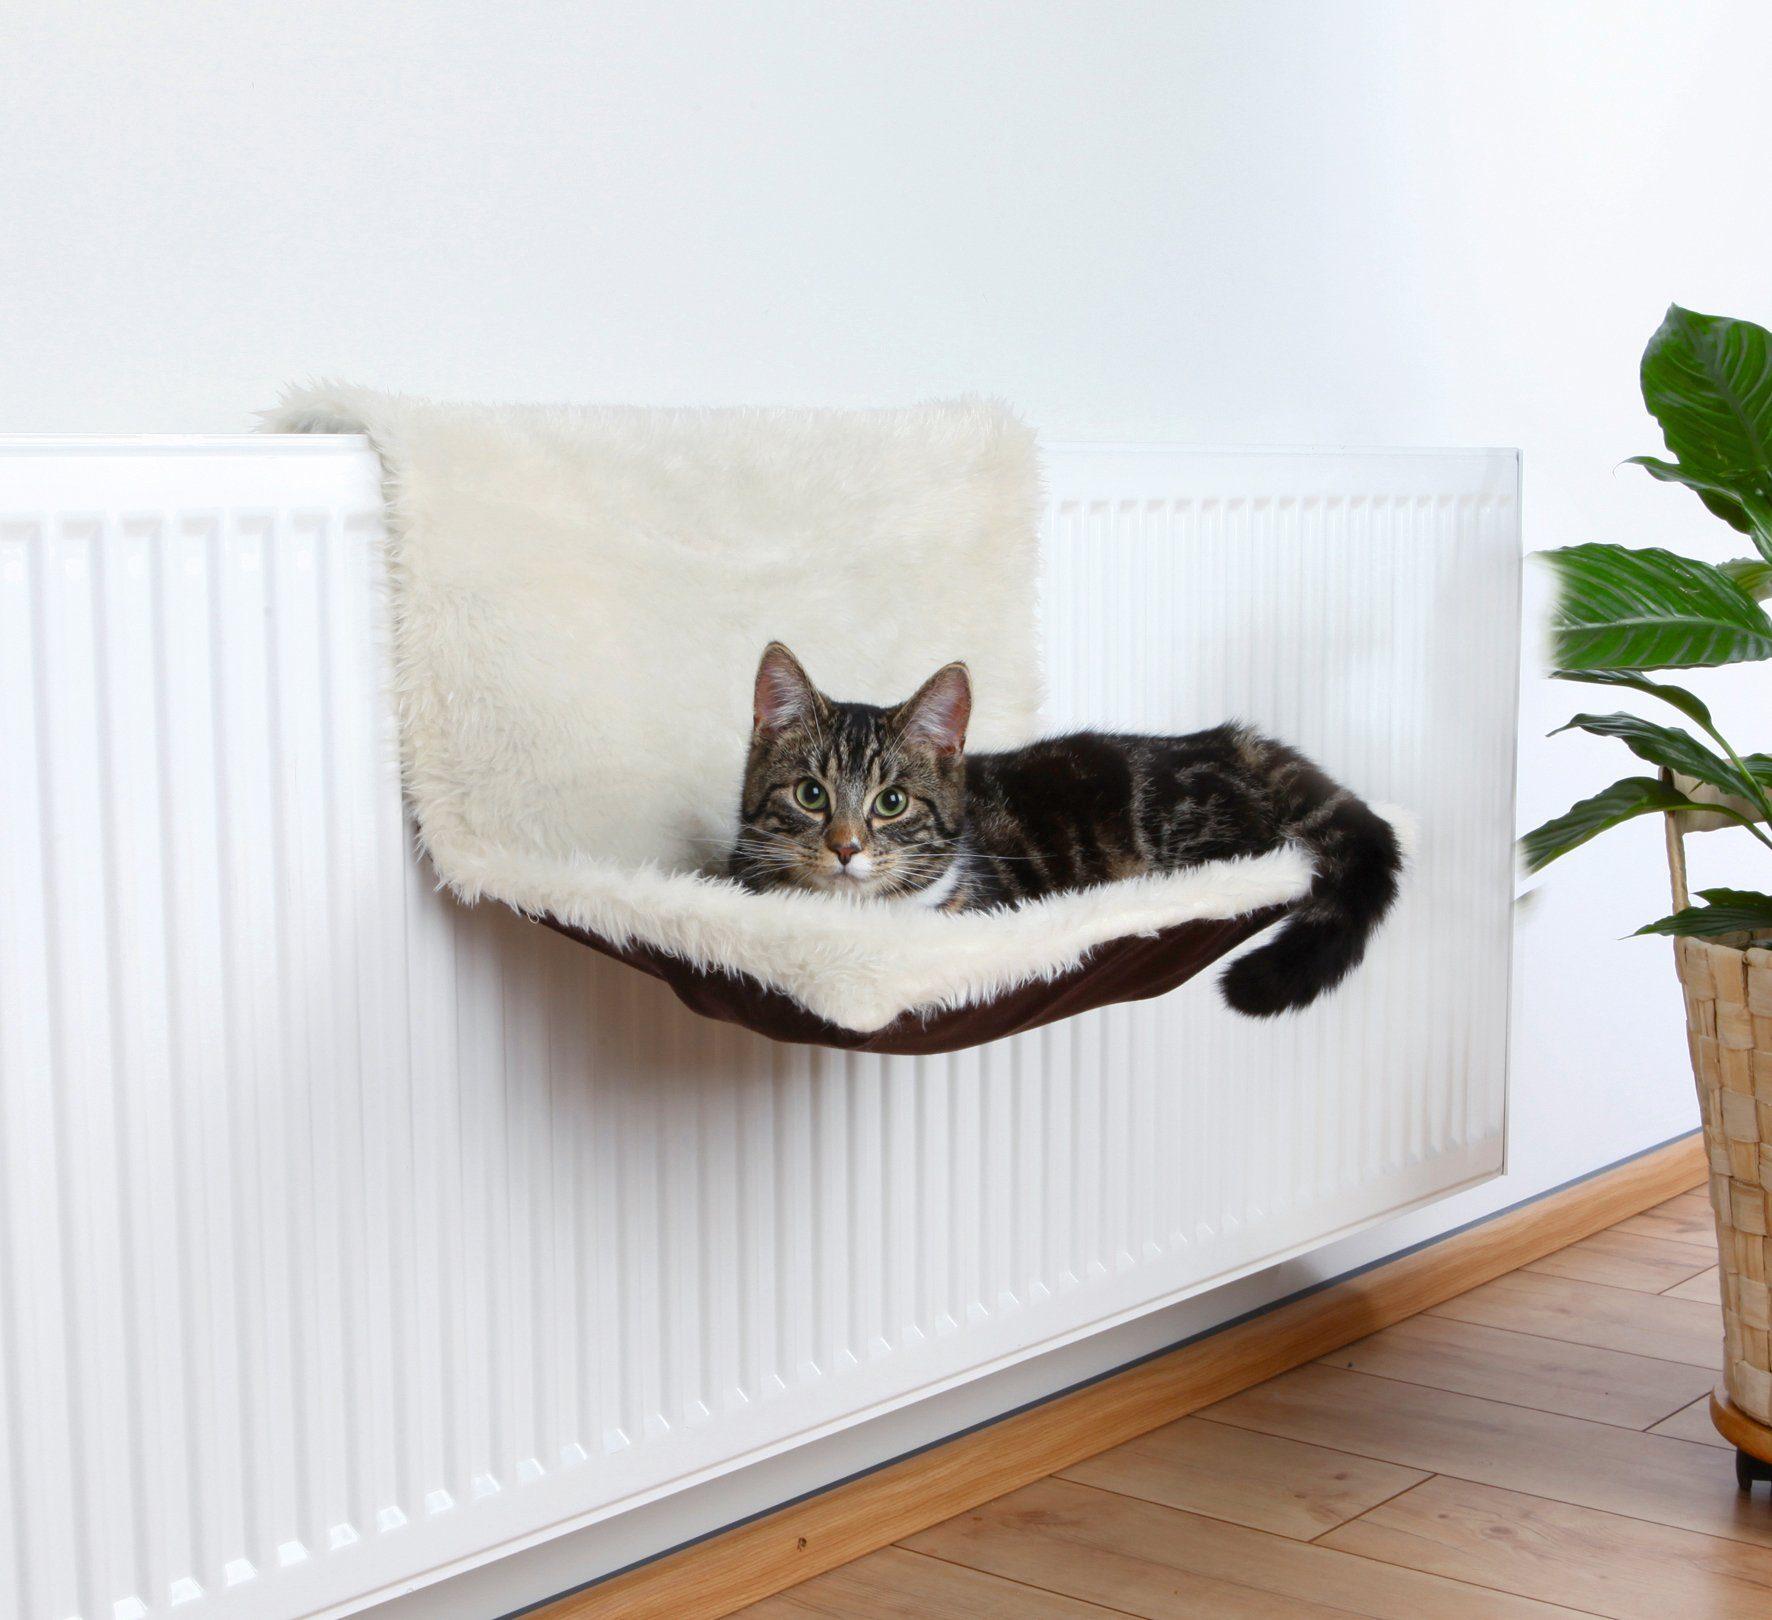 Katzen-Heizkörperliege , B/L/H: 45/31/26 cm, creme/braun